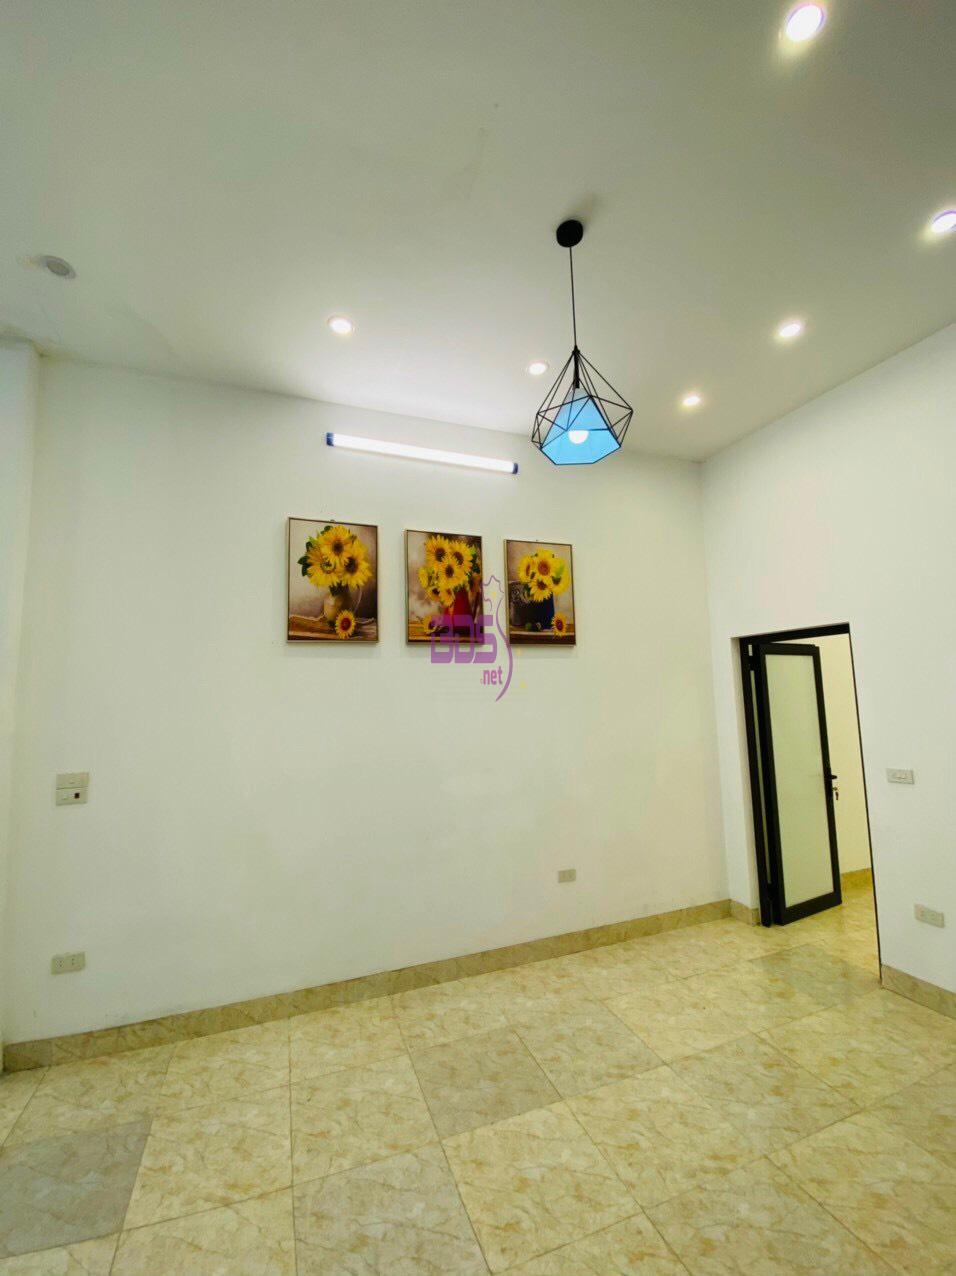 Bán dùm chủ căn nhà 2 tầng phố Lê Viết Quang, Ngọc Châu 59.3m2-7